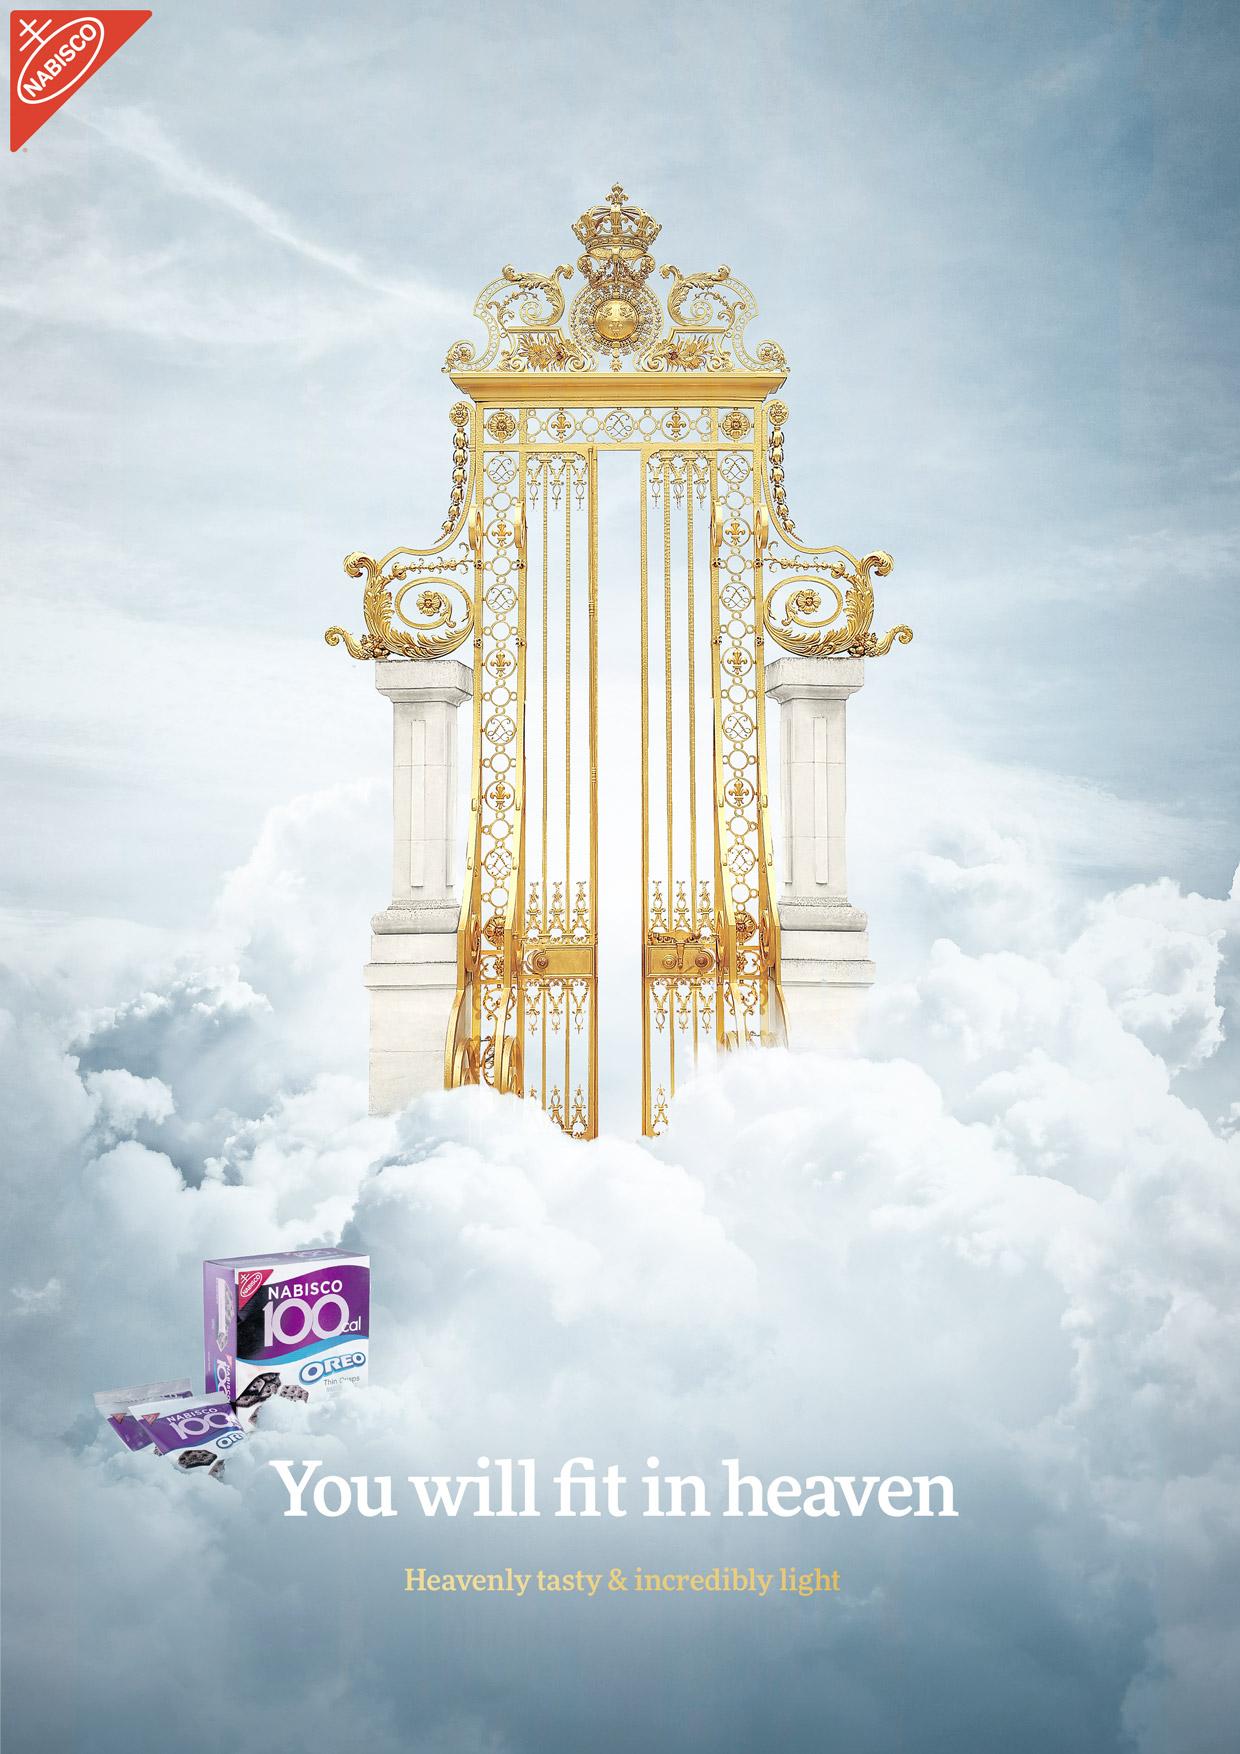 heaven8.jpg